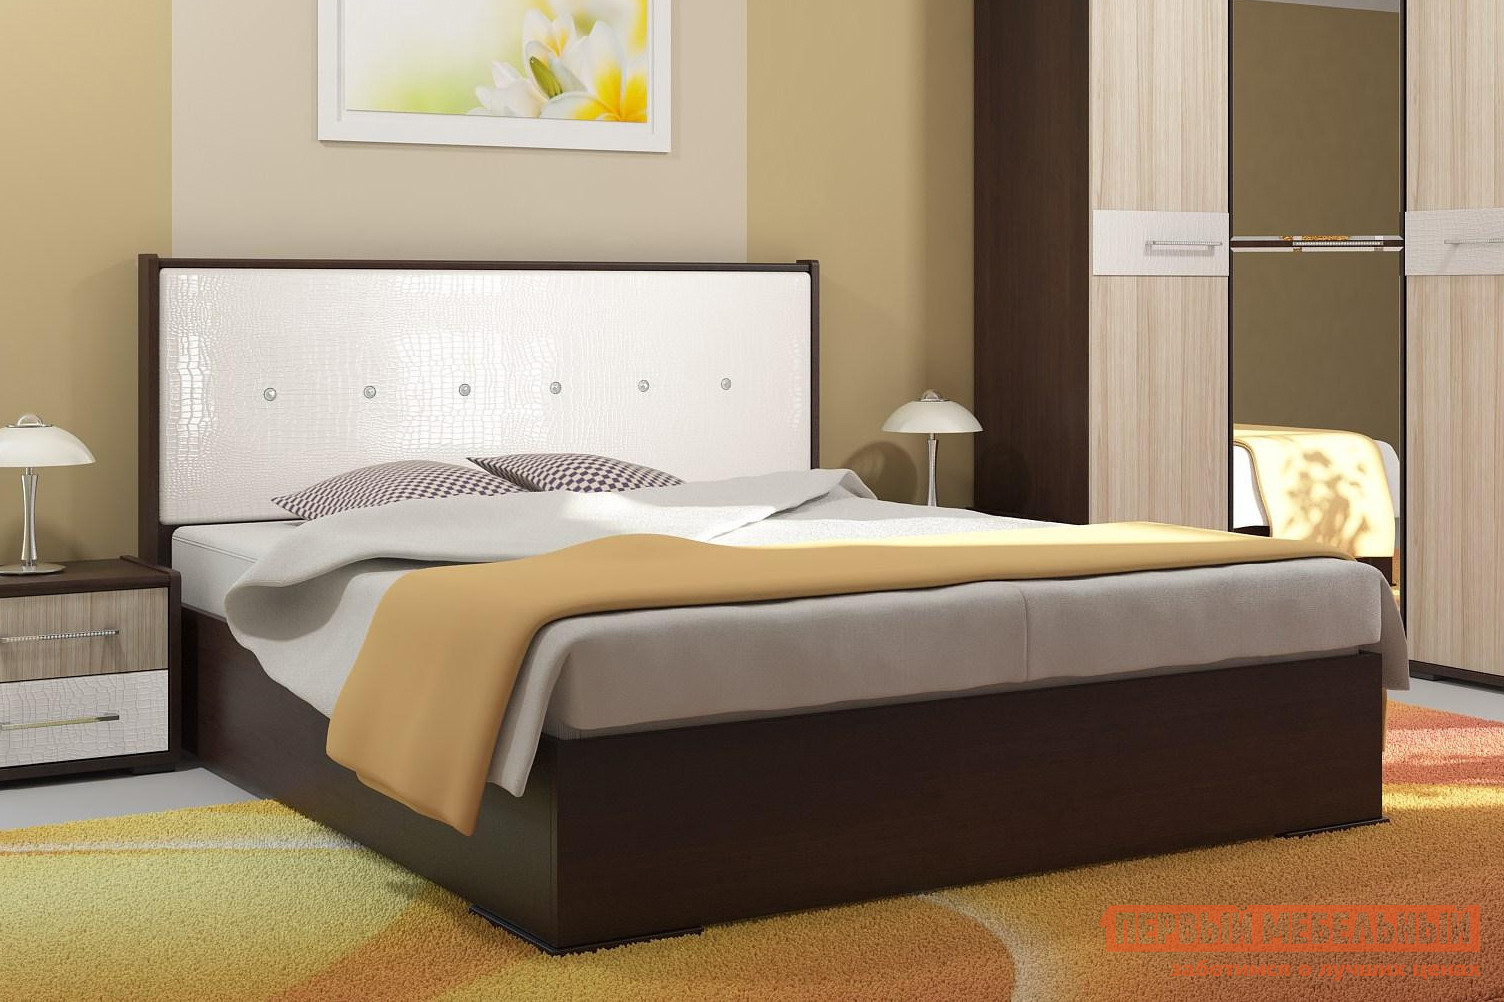 Двуспальная кровать Первый Мебельный Луиза tyler the creator tyler the creator wolf 2 lp 180 gr cd colour